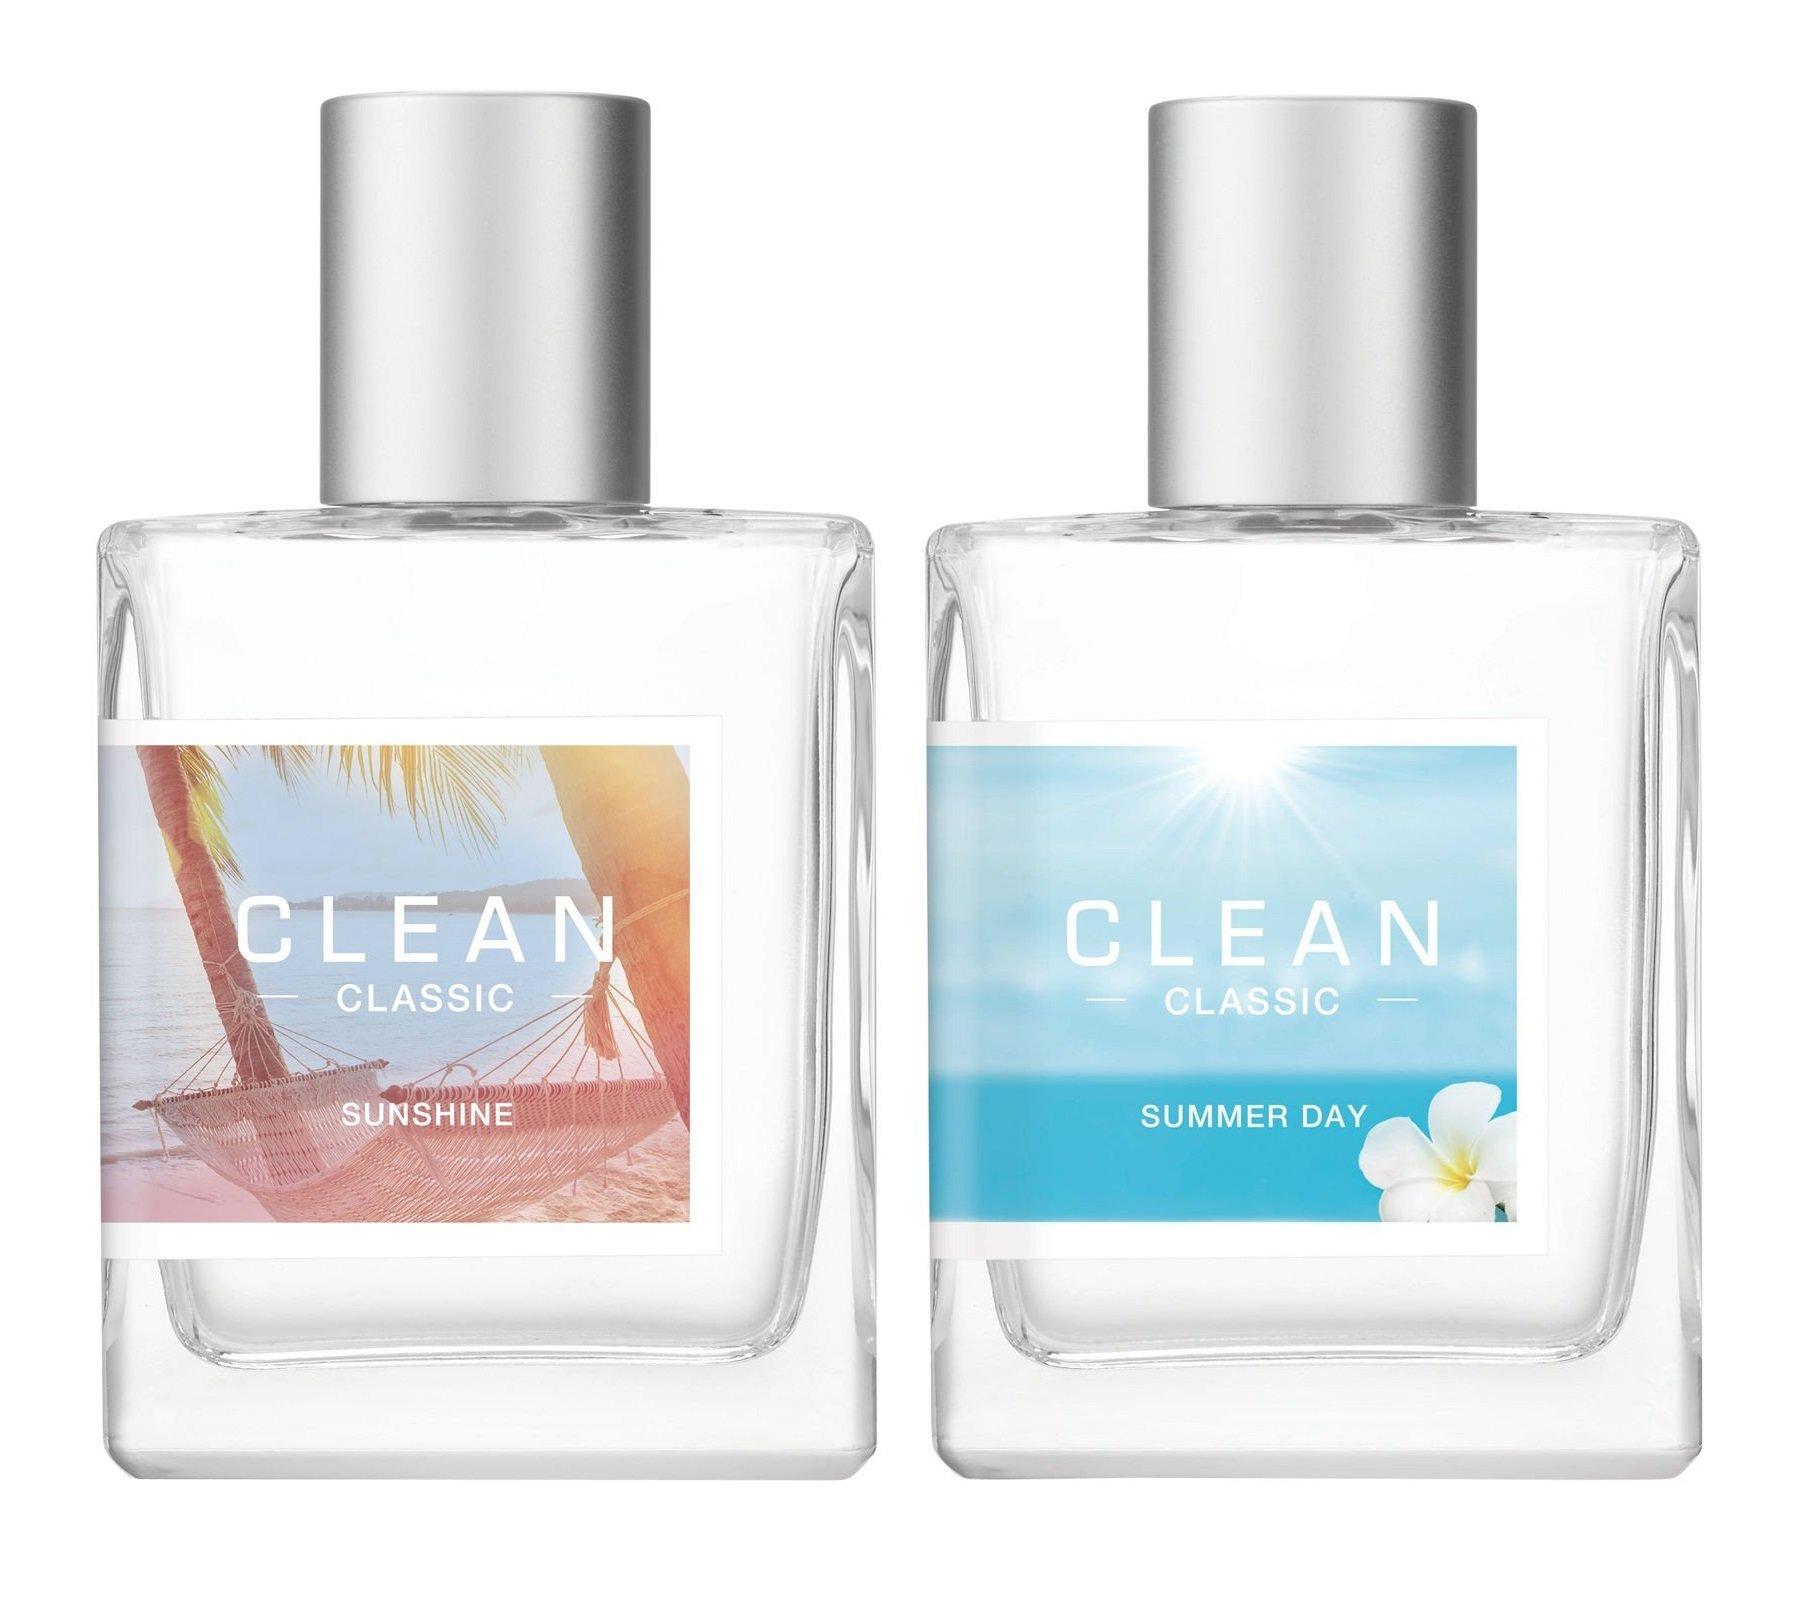 Clean - Sunshine EDT 60 ml + Summer Day EDT 60 ml